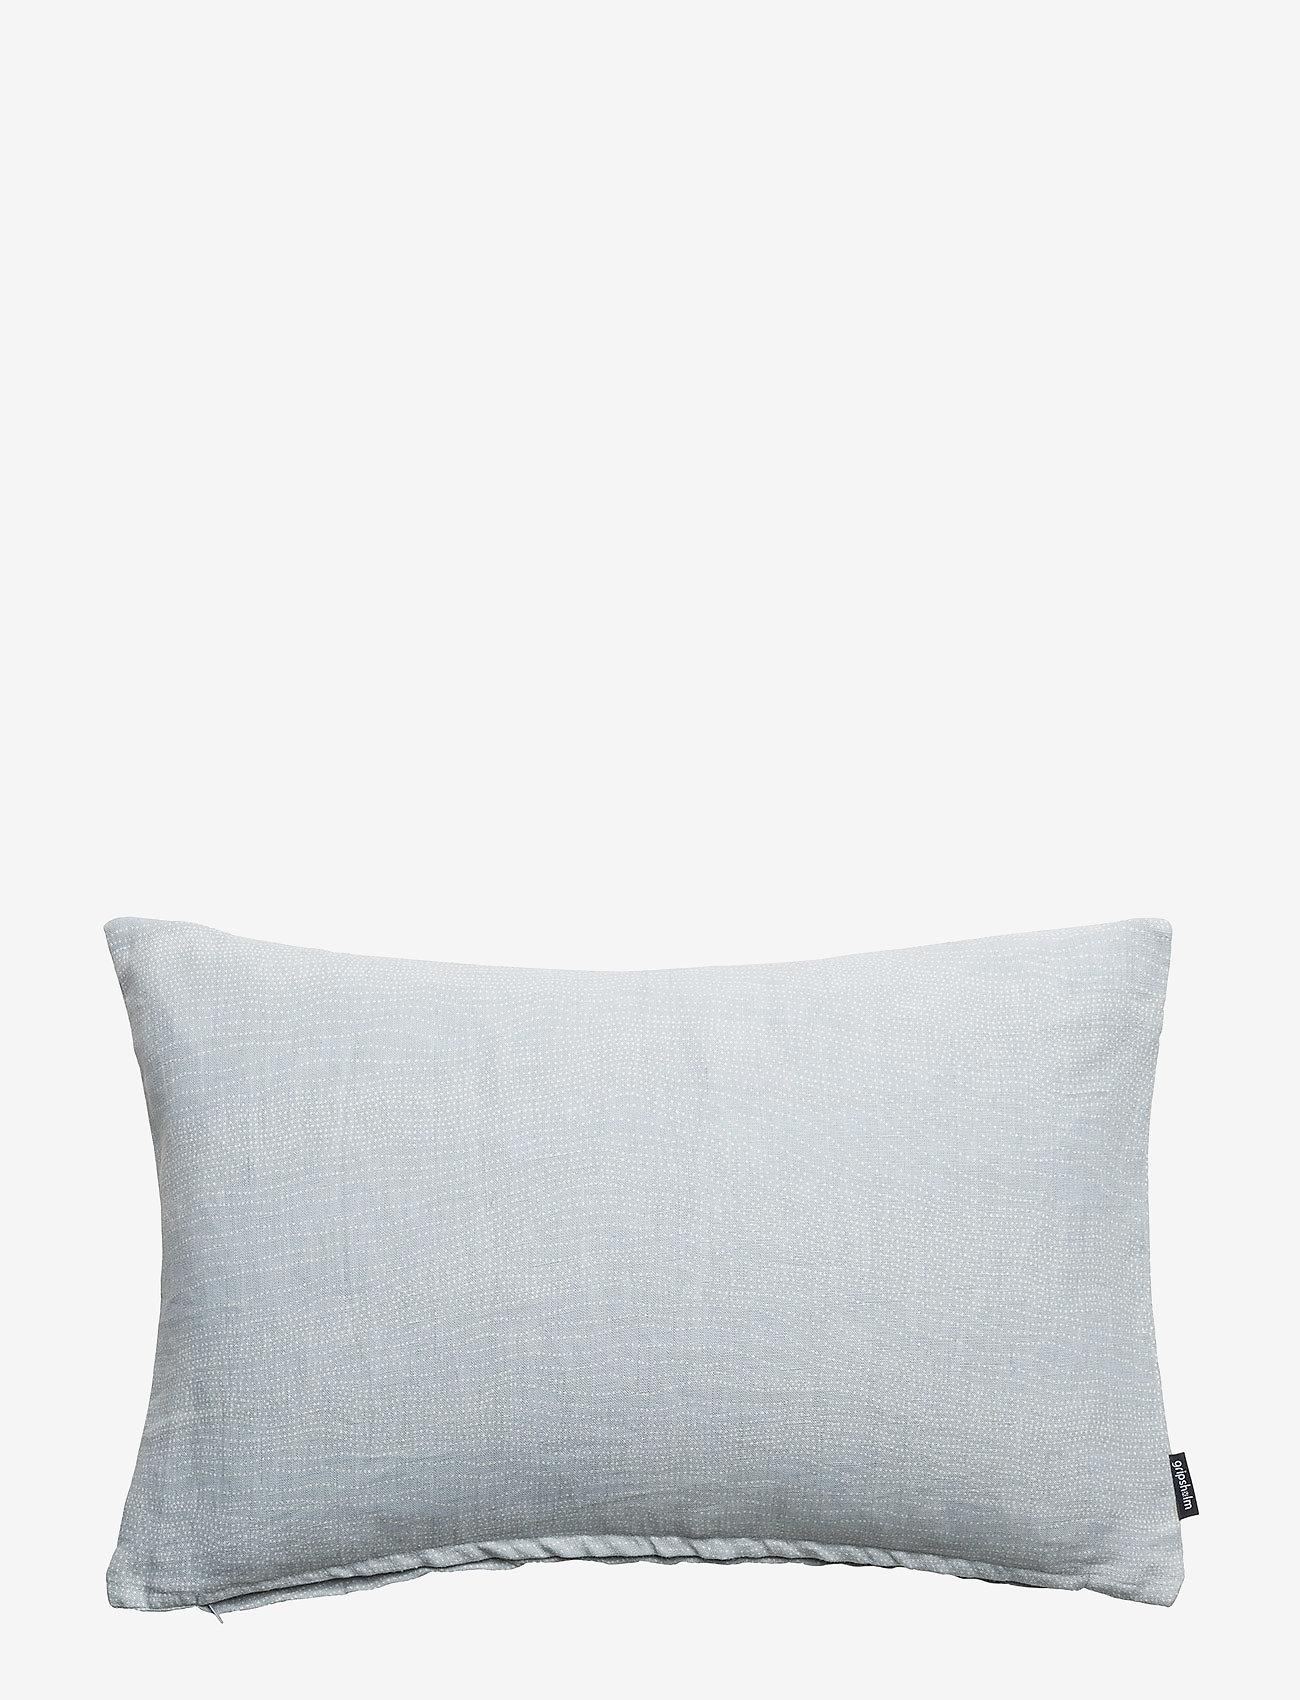 Gripsholm - CUSHION COVER LINEN SAFIR - cushion covers - petrol